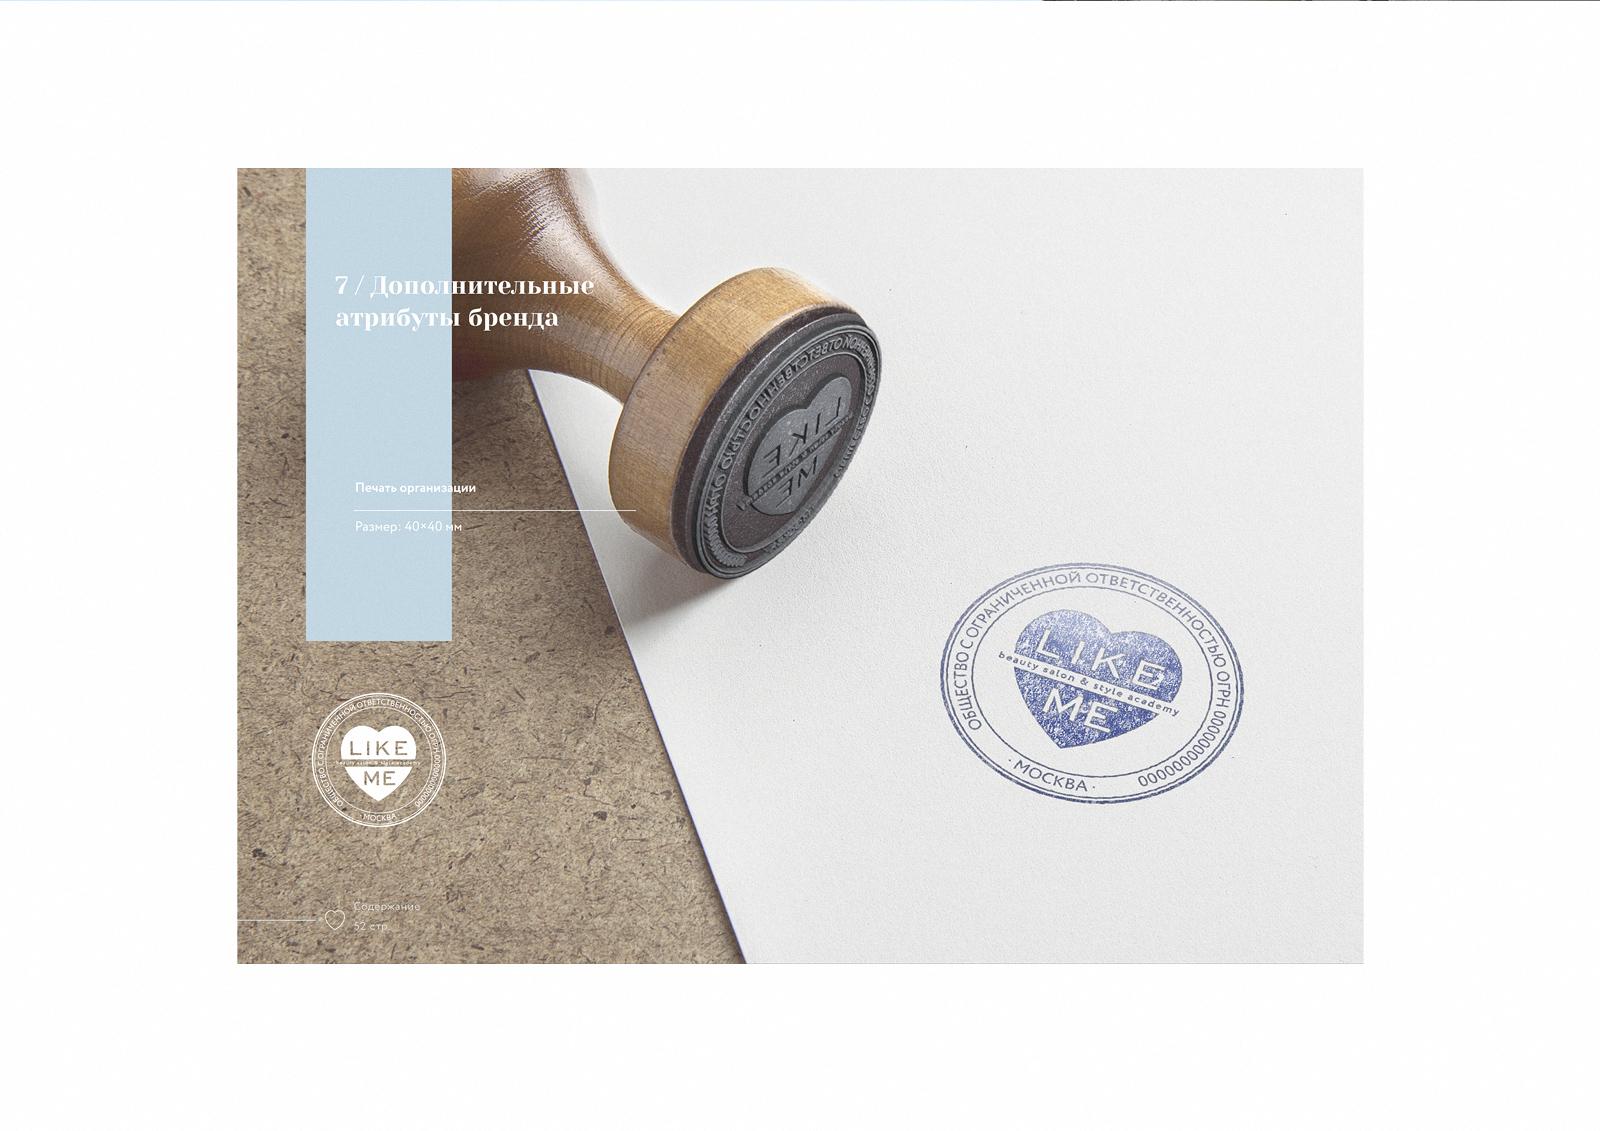 Фирменная печать салона красоты — дизайн и принципы использования также прописаны в брендбуке салона.